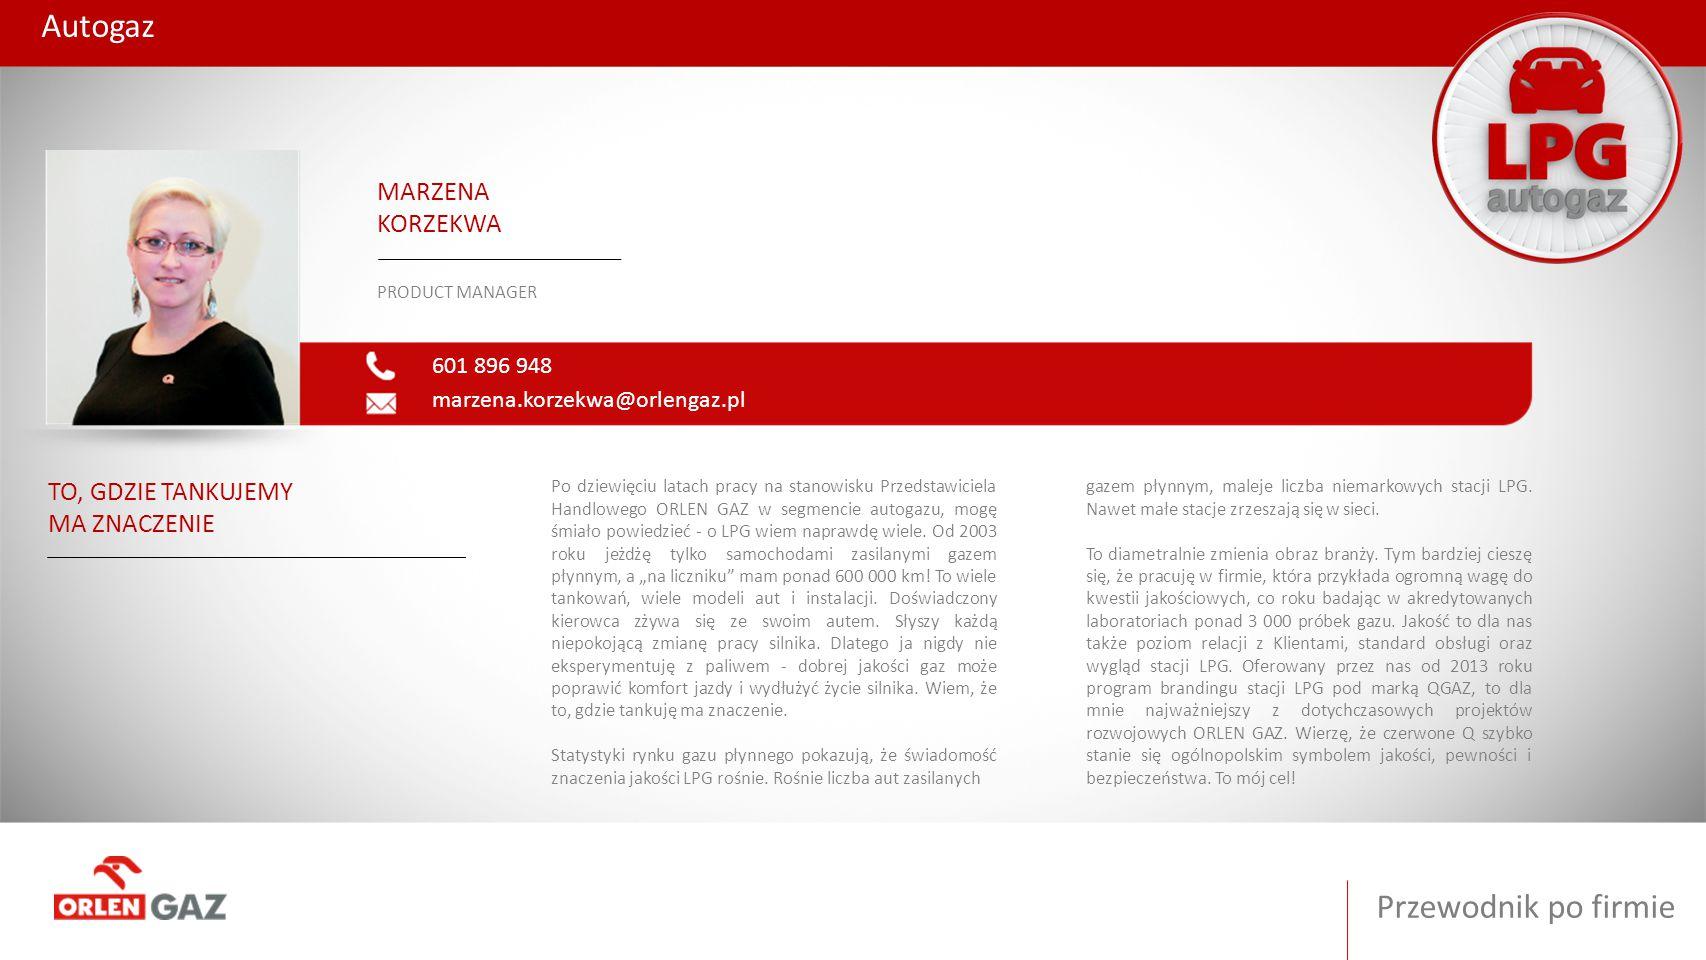 Przewodnik po firmie Autogaz 601 896 948 marzena.korzekwa@orlengaz.pl MARZENA KORZEKWA PRODUCT MANAGER TO, GDZIE TANKUJEMY MA ZNACZENIE Po dziewięciu